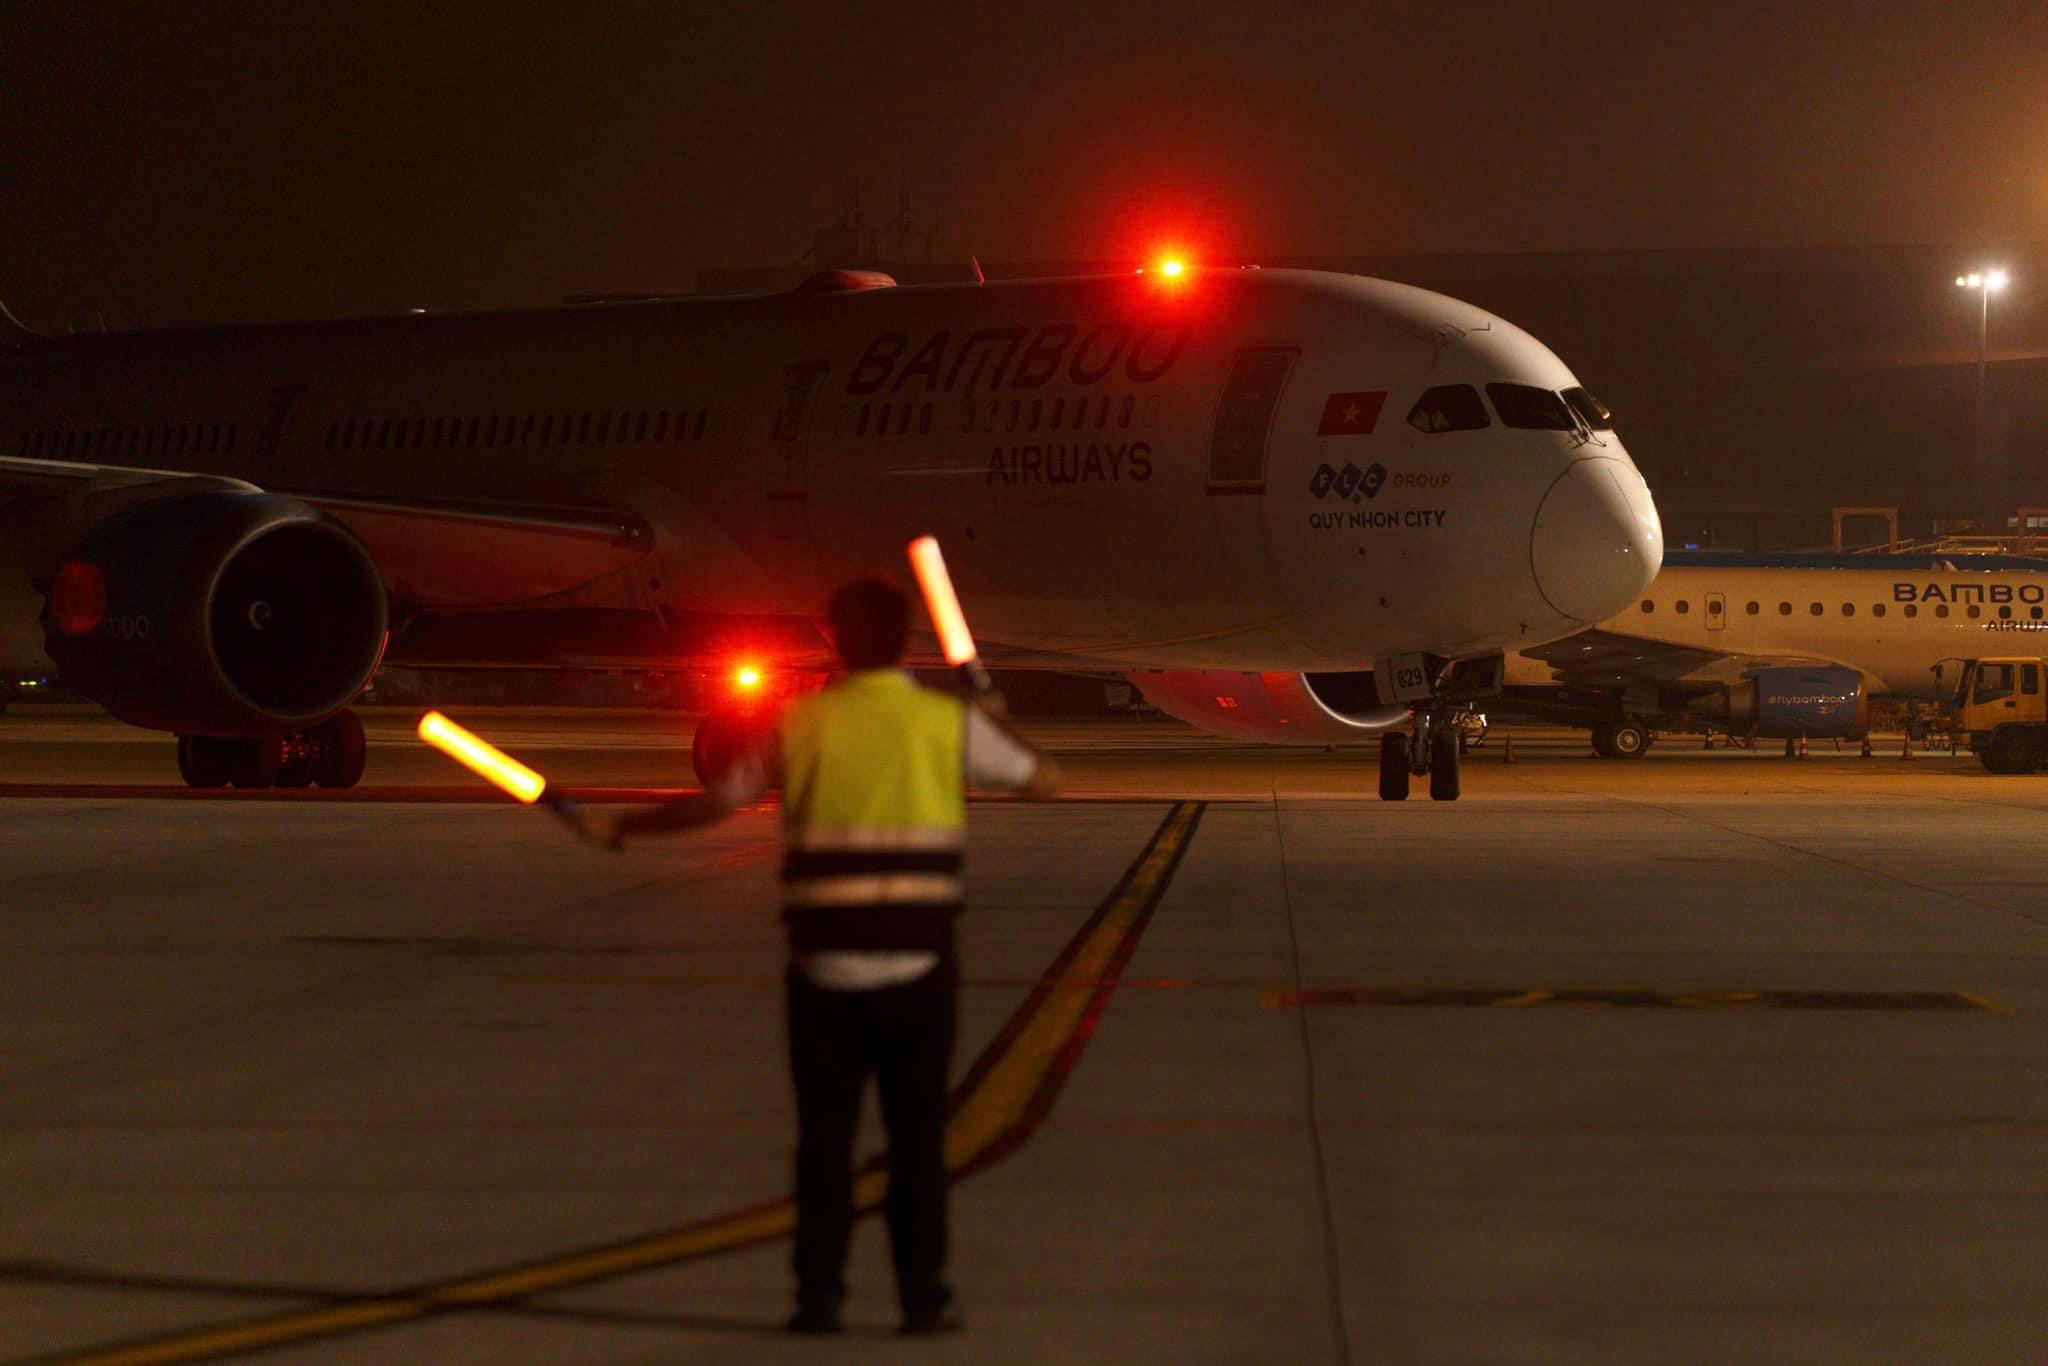 ベトナム バンブー・エアウェイズが東京、台北への商用便を再開